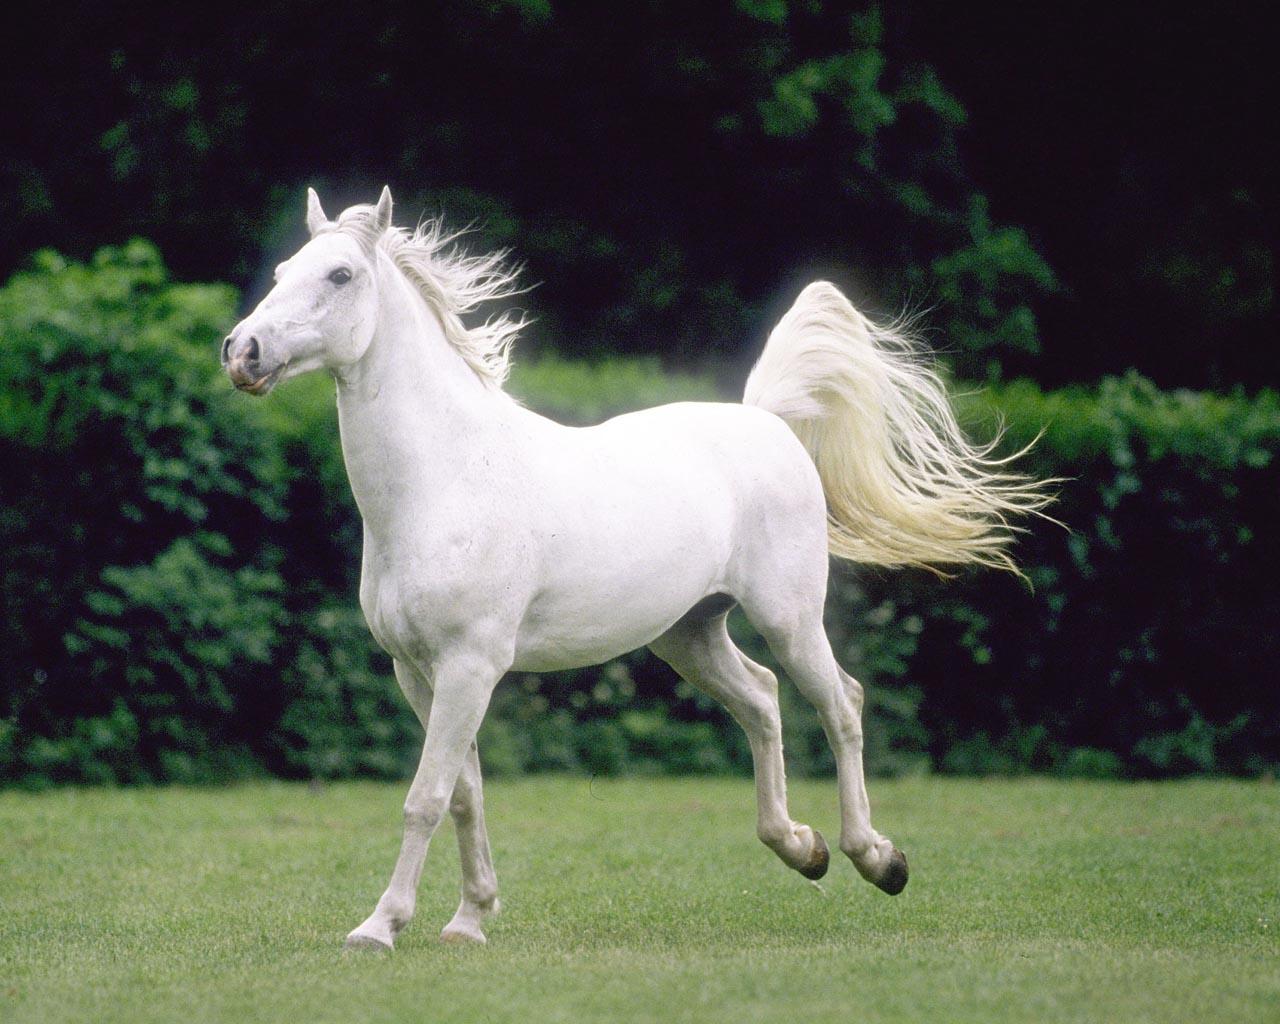 صورة خيول عربية اصيلة , جمال الخيول العربيه الاصيله